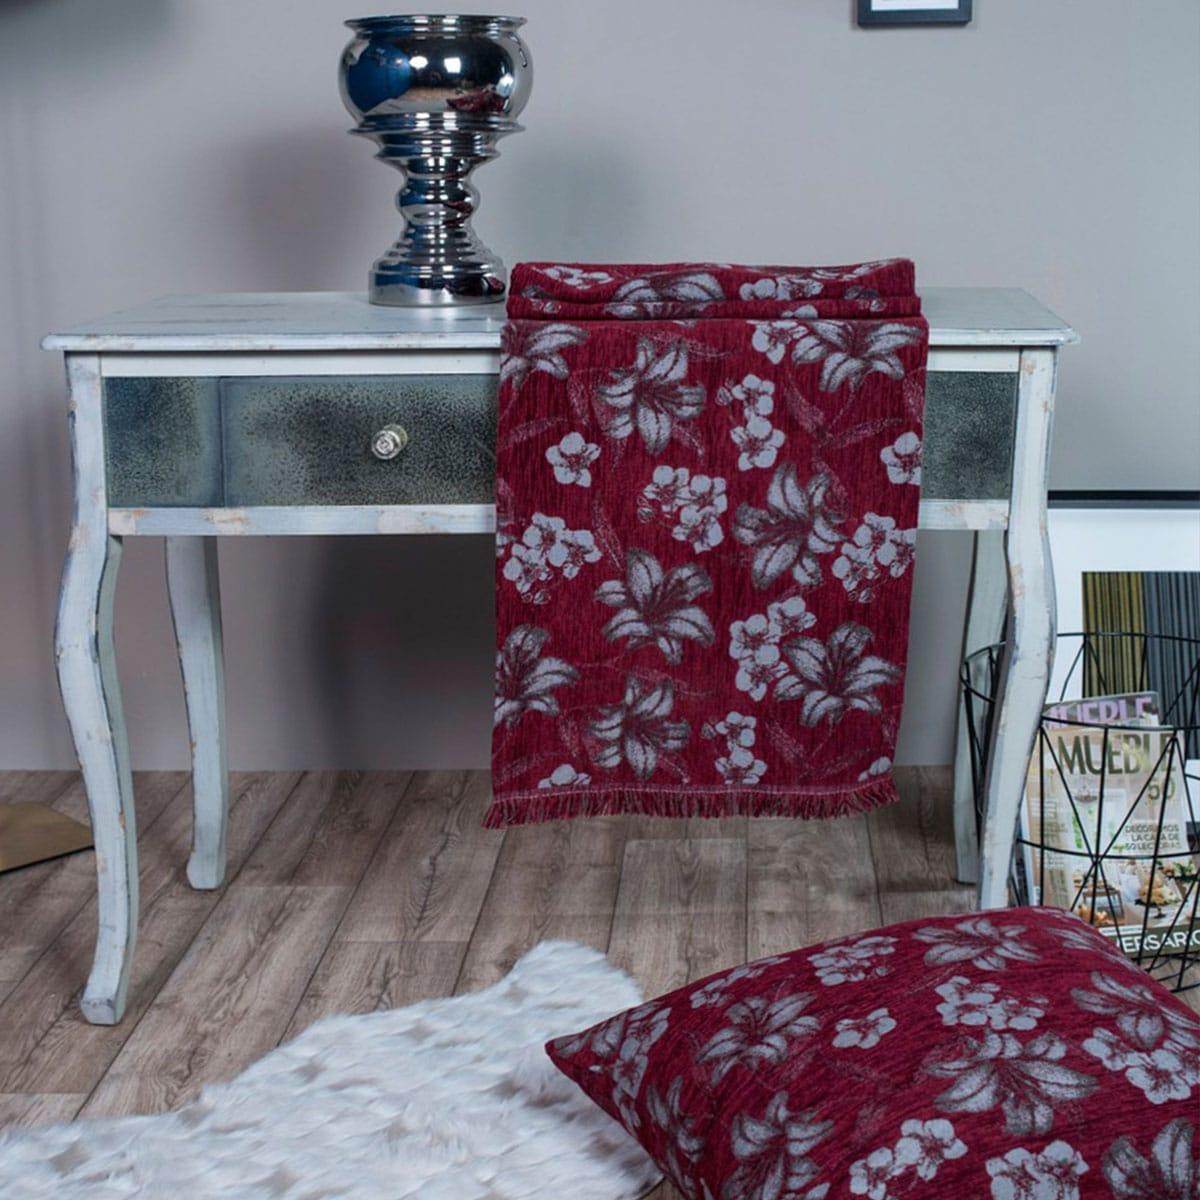 Μαξιλαροθήκη Διακοσμητική Δαπέδου Louisiana 10 Bordo Teoran 60X60 Ακρυλικό-Polyester